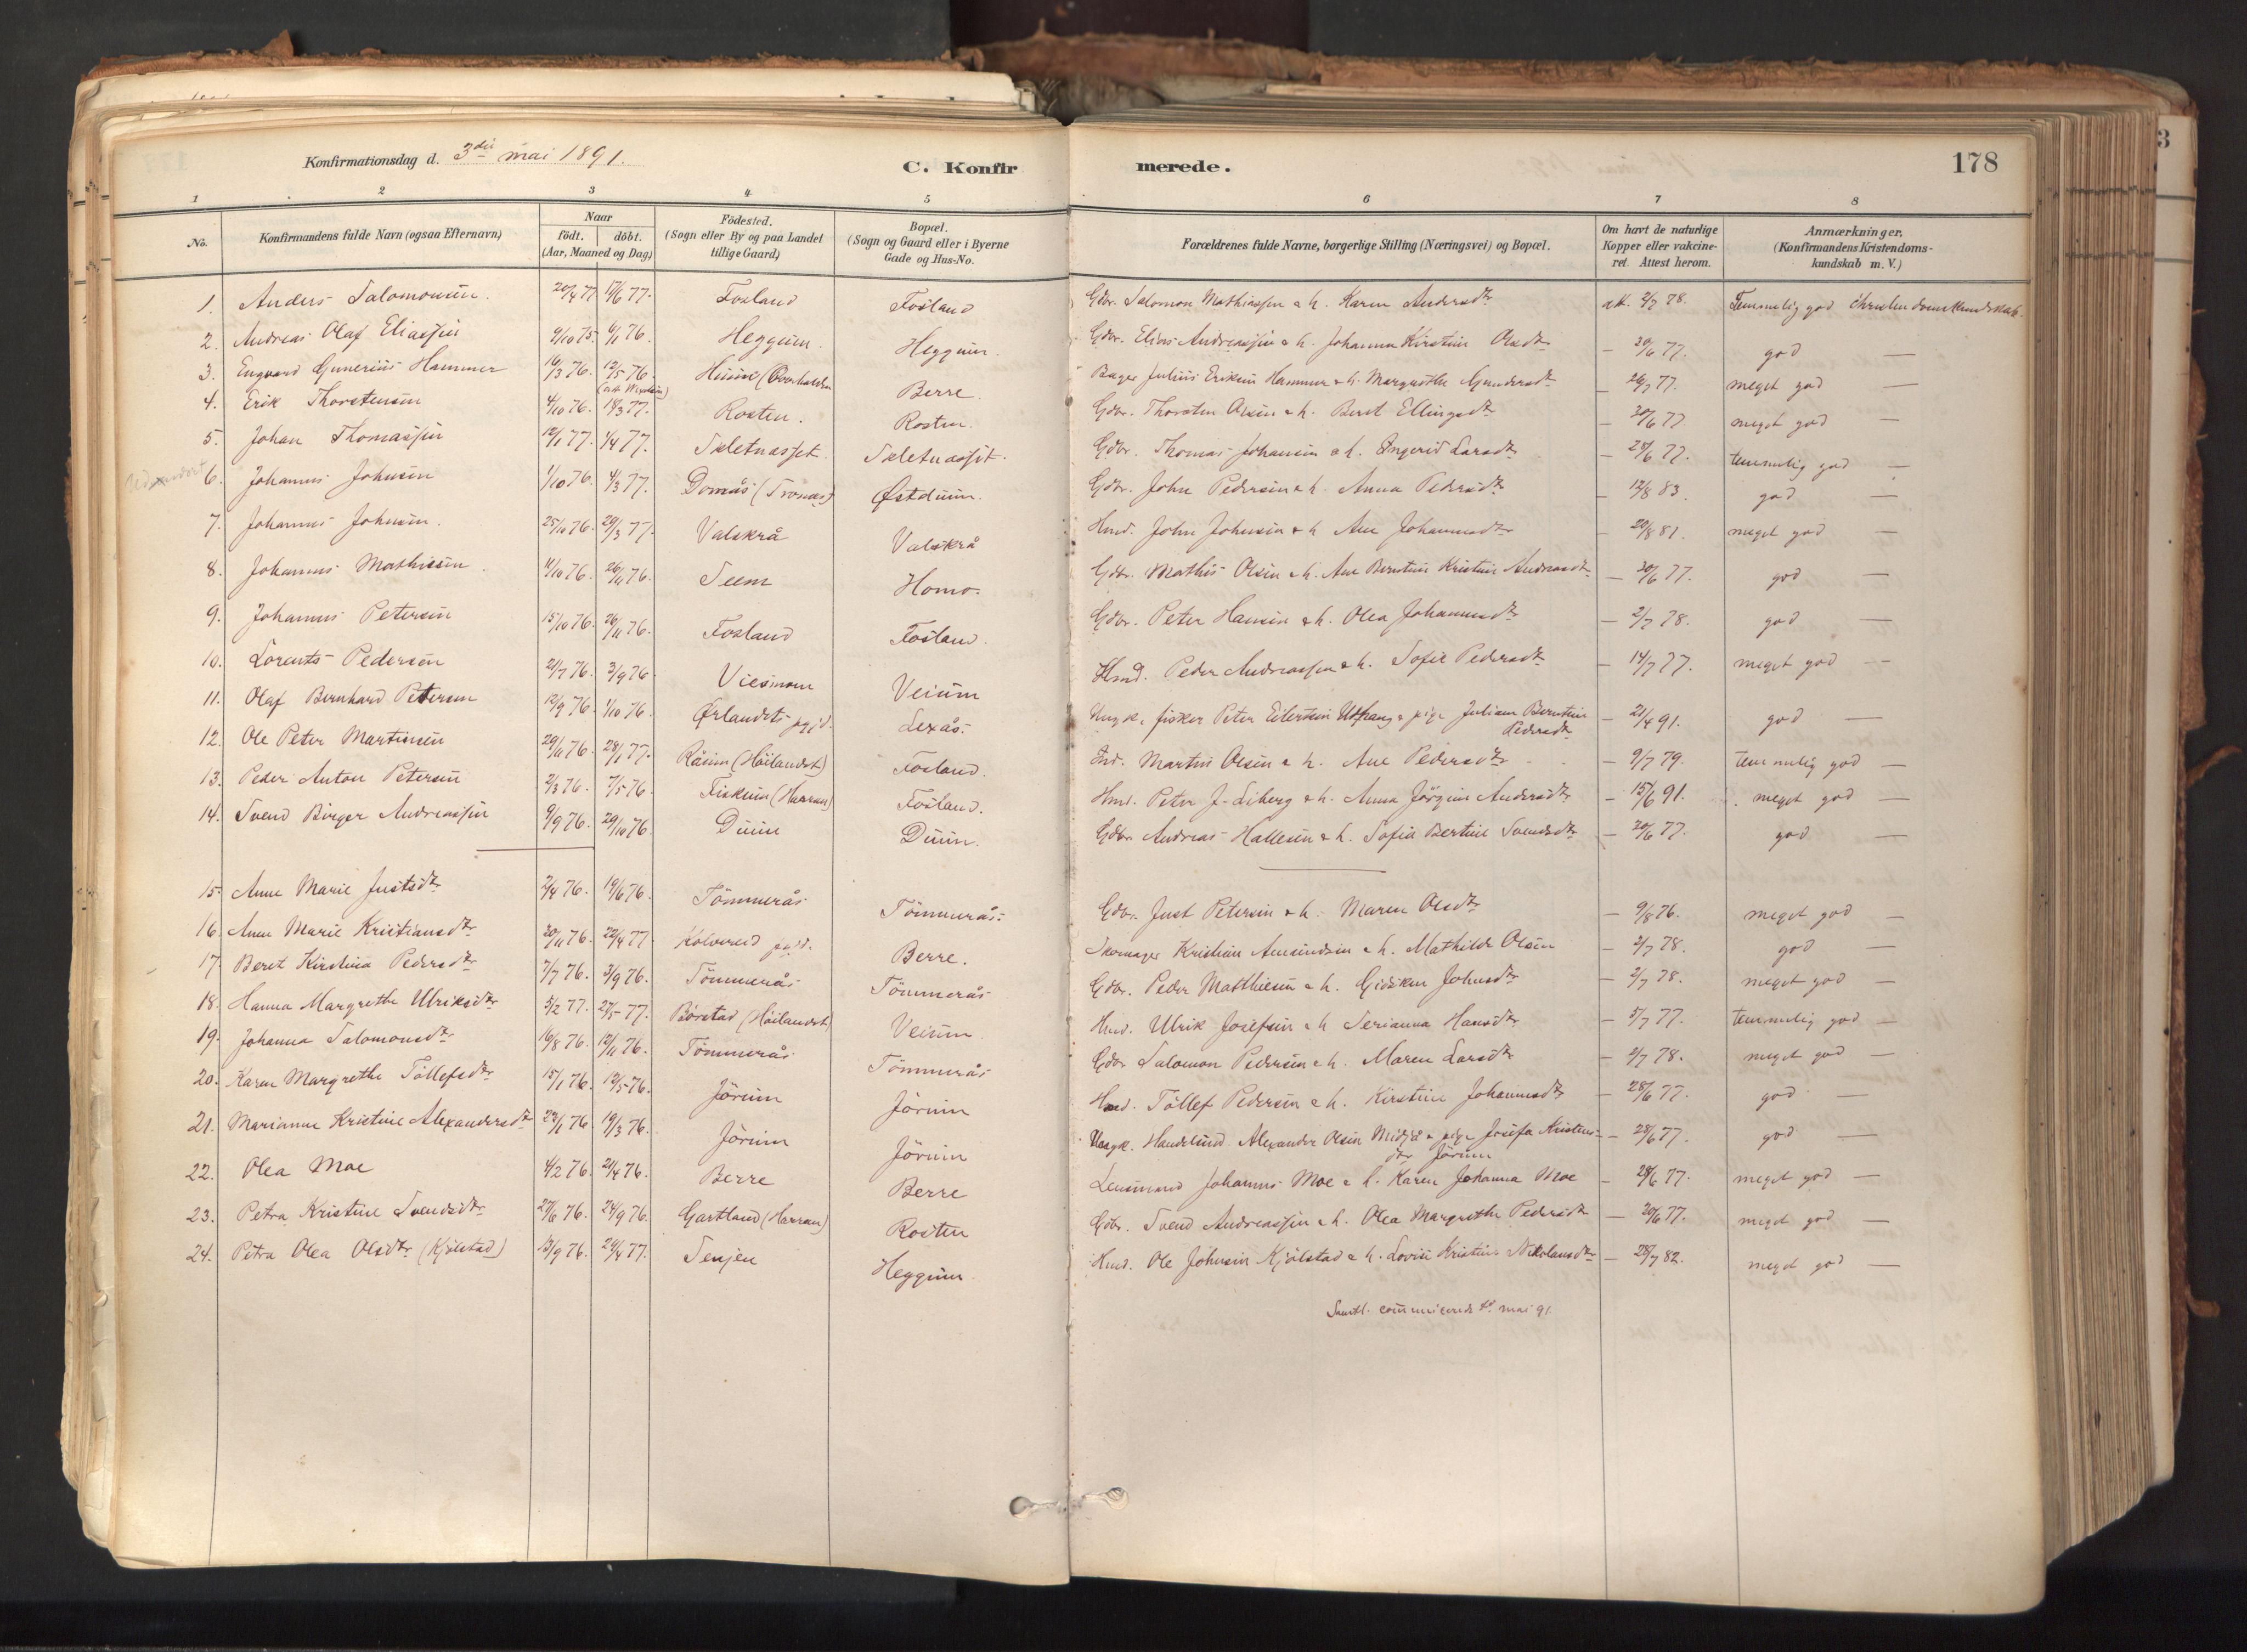 SAT, Ministerialprotokoller, klokkerbøker og fødselsregistre - Nord-Trøndelag, 758/L0519: Ministerialbok nr. 758A04, 1880-1926, s. 178